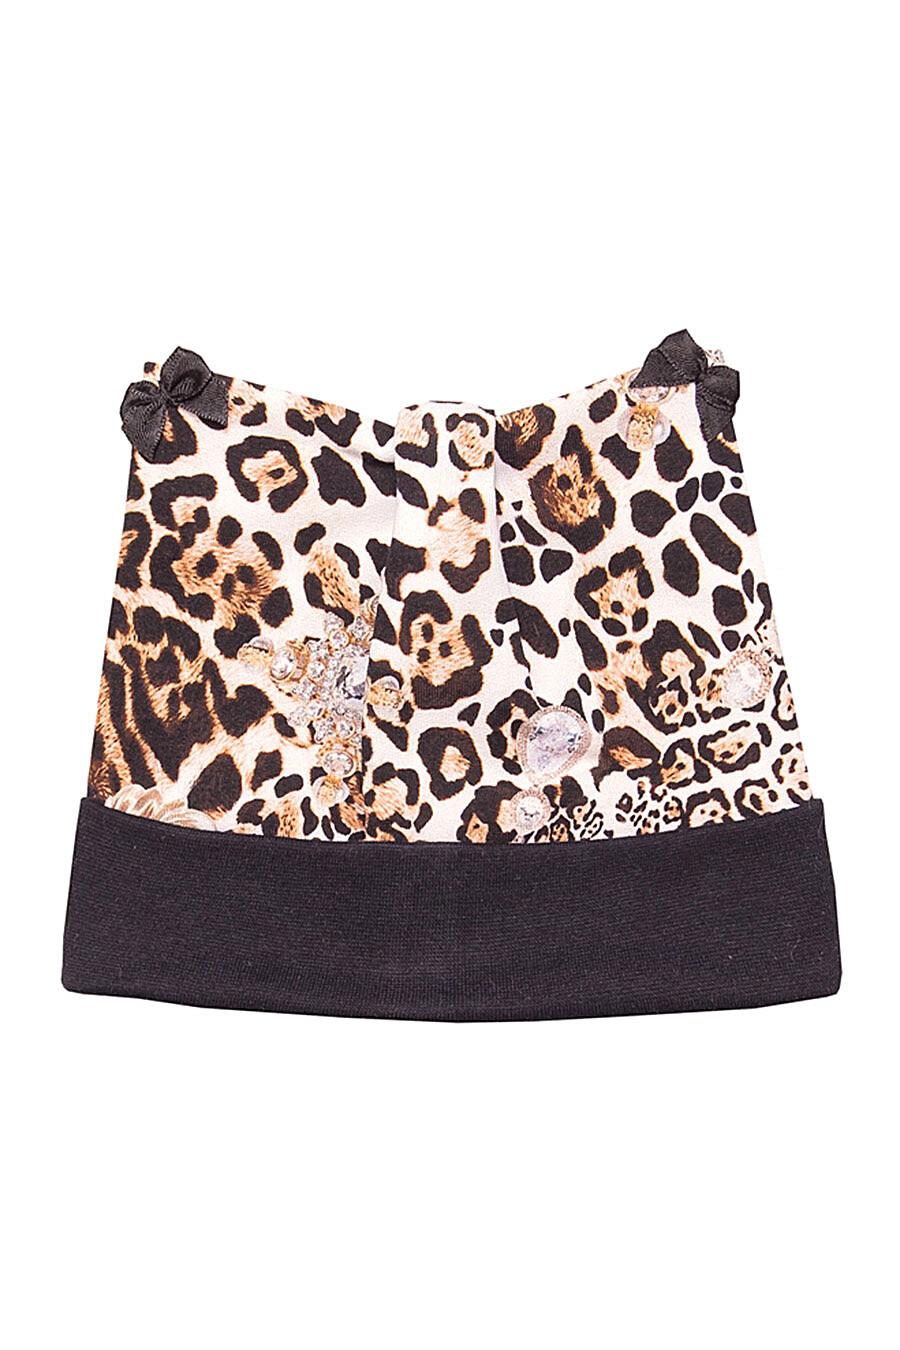 Шапка для девочек Archi 130839 купить оптом от производителя. Совместная покупка детской одежды в OptMoyo